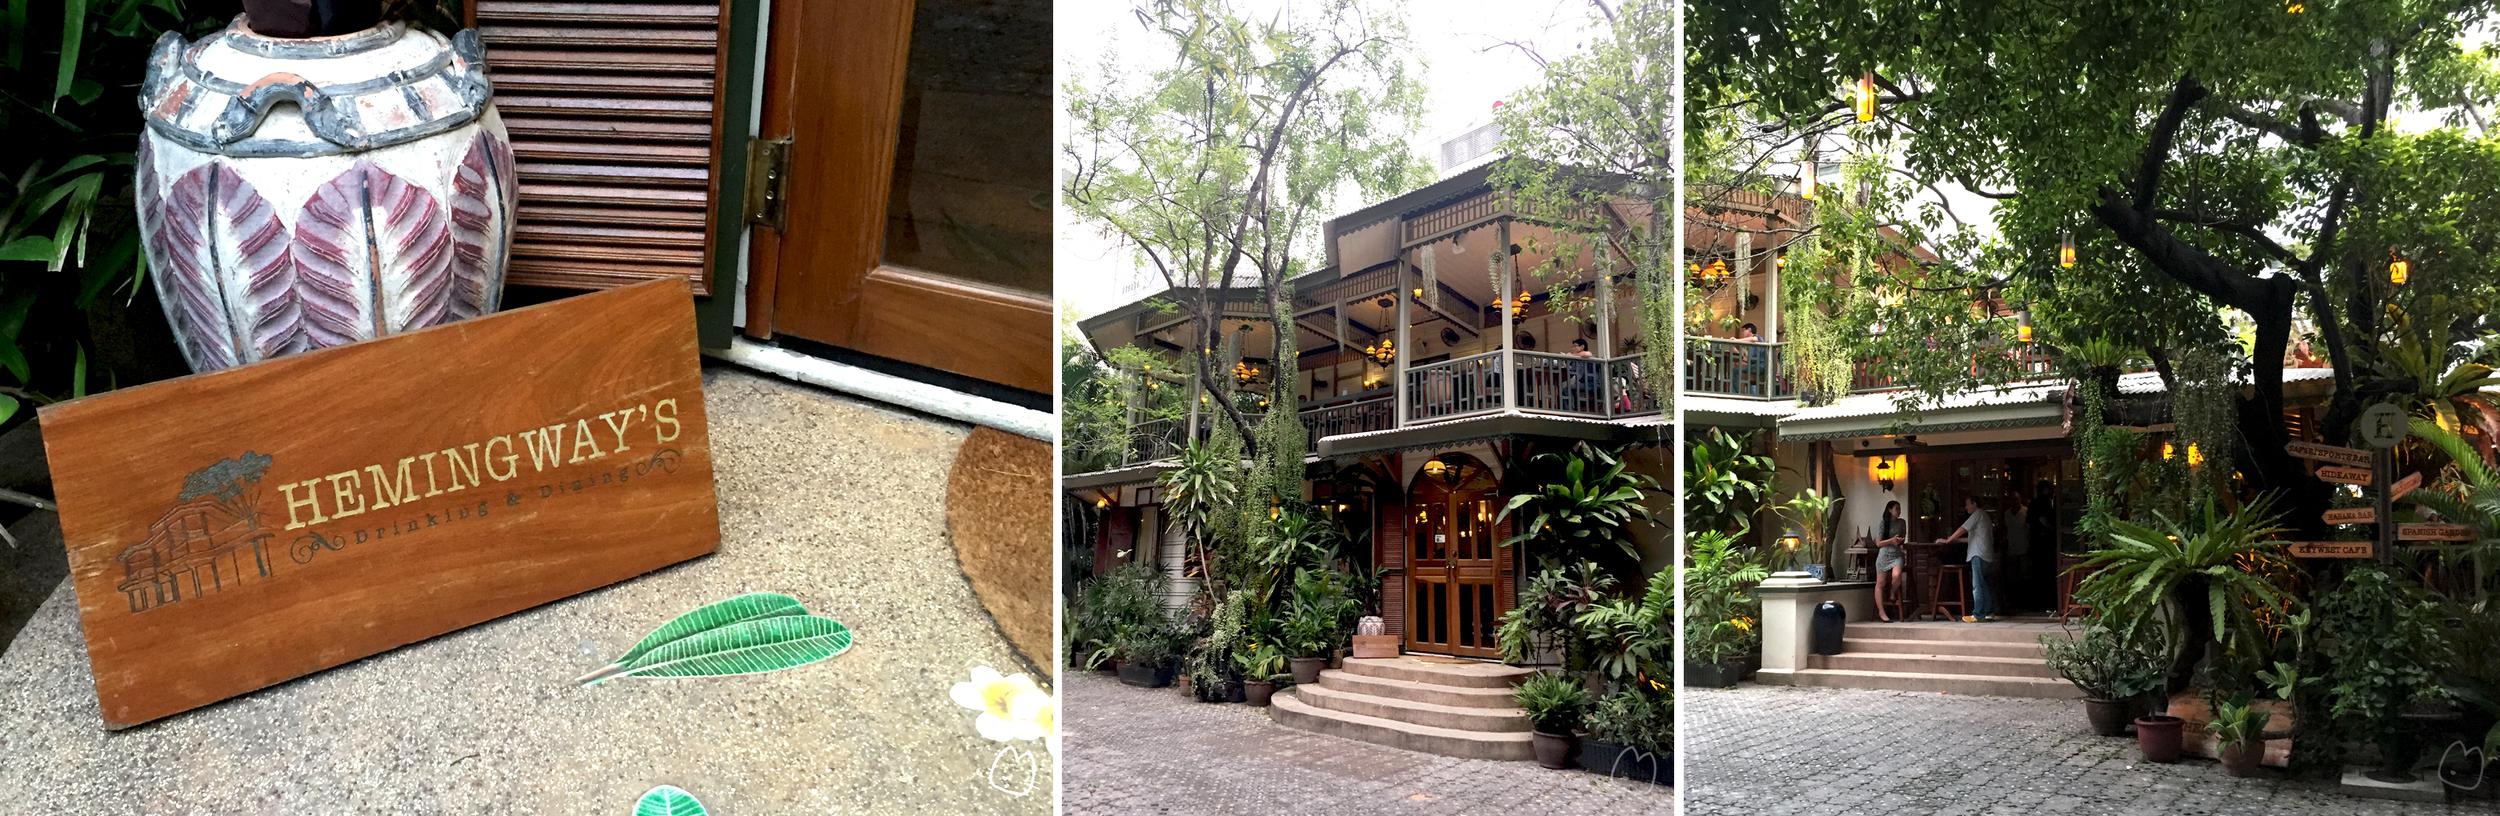 ด้านขวาชั้นเดียวเป็น open air drink bar ในตัวอาคารเป็นร้านอาหาร ซึ่งเลือกได้ว่าจะนั่งในห้องแอร์ (ด้านล่าง) หรือ open air (ระเบียงด้านบน)